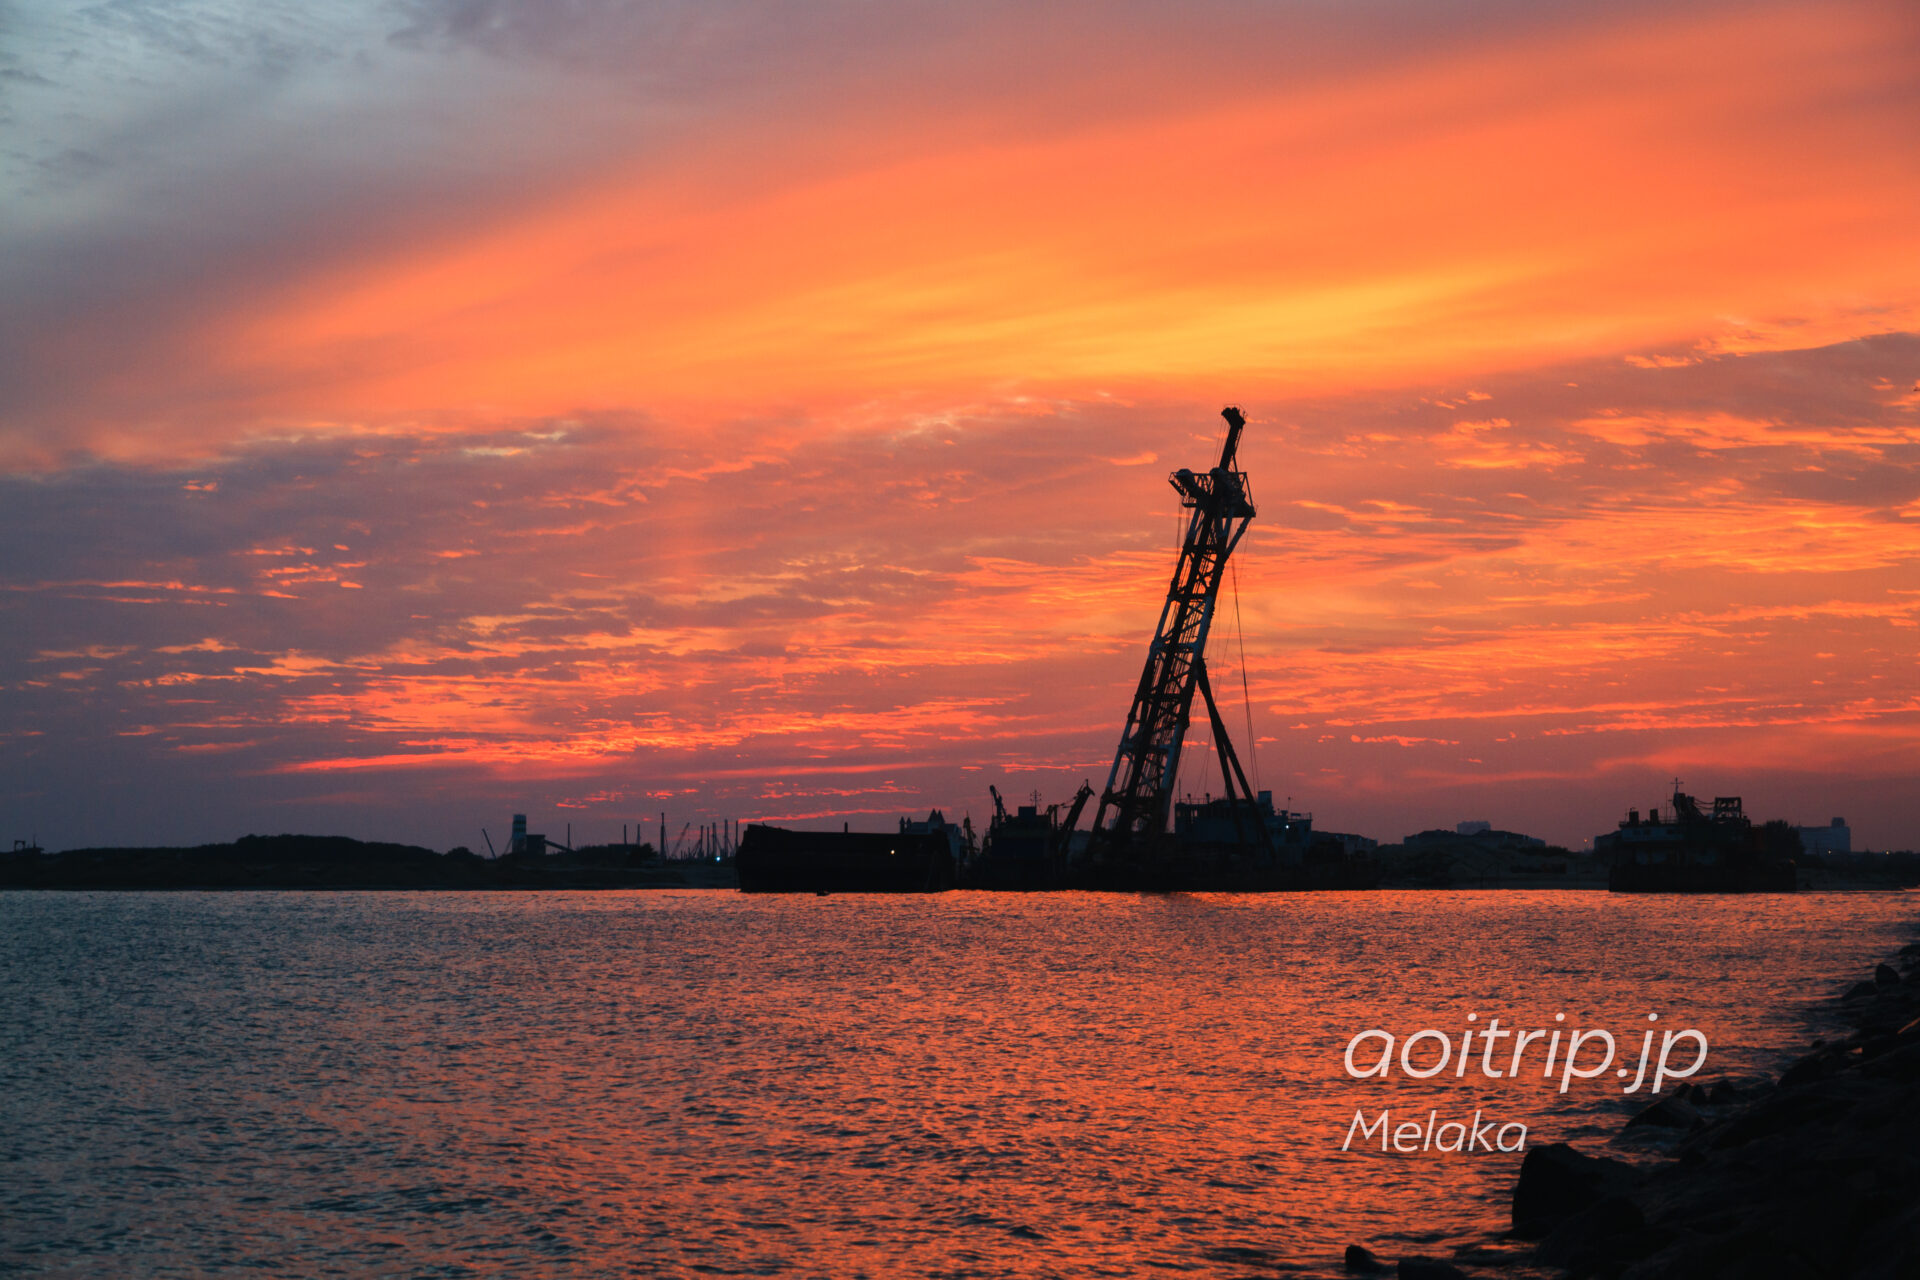 マラッカ海峡に沈む夕日